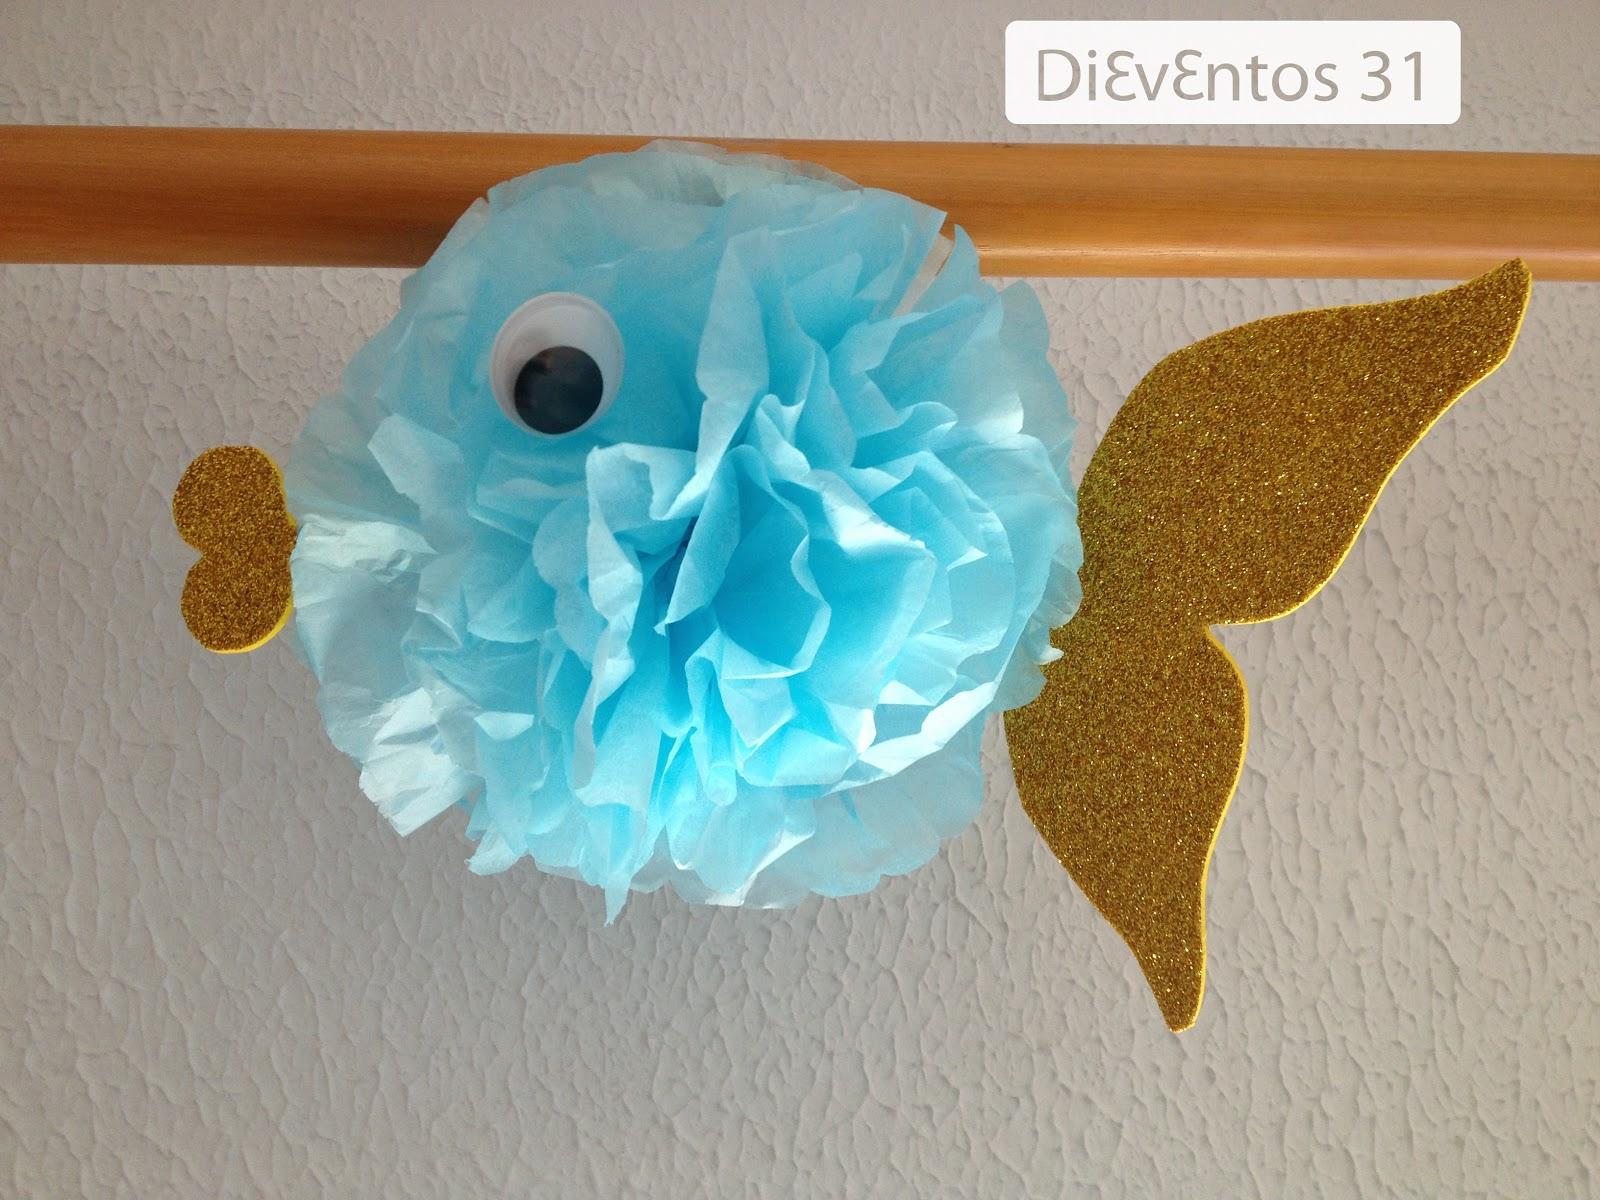 Dieventos 31: Decoración peces